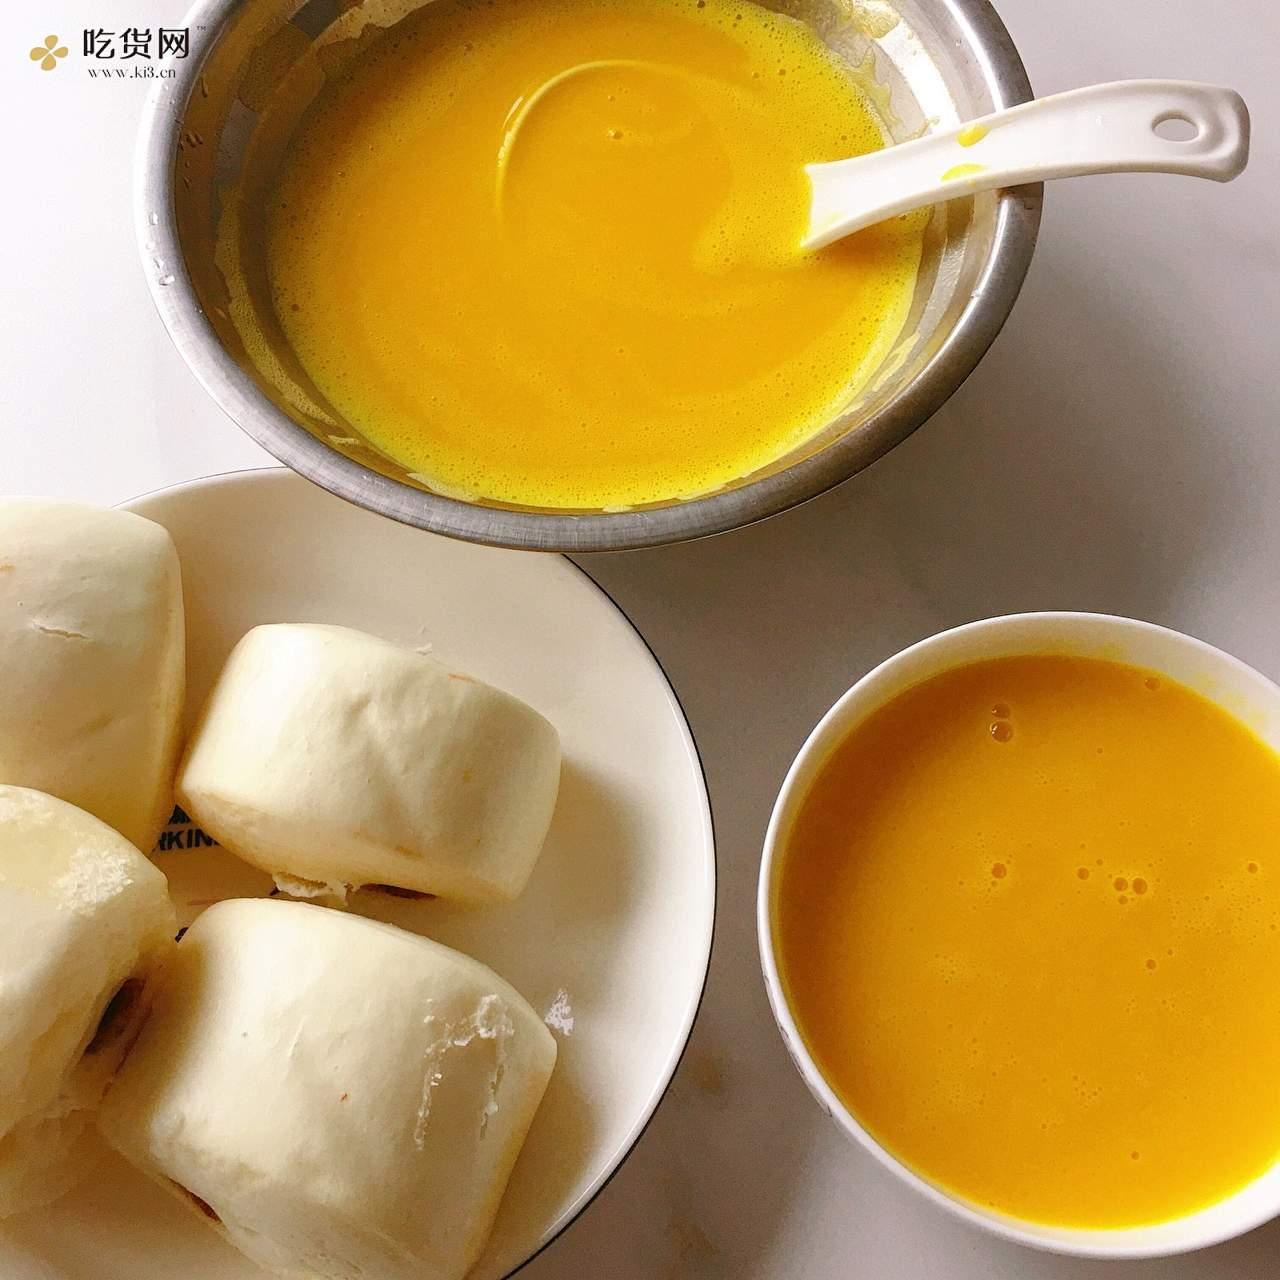 南瓜,黄豆,小米浓汤的做法 步骤7